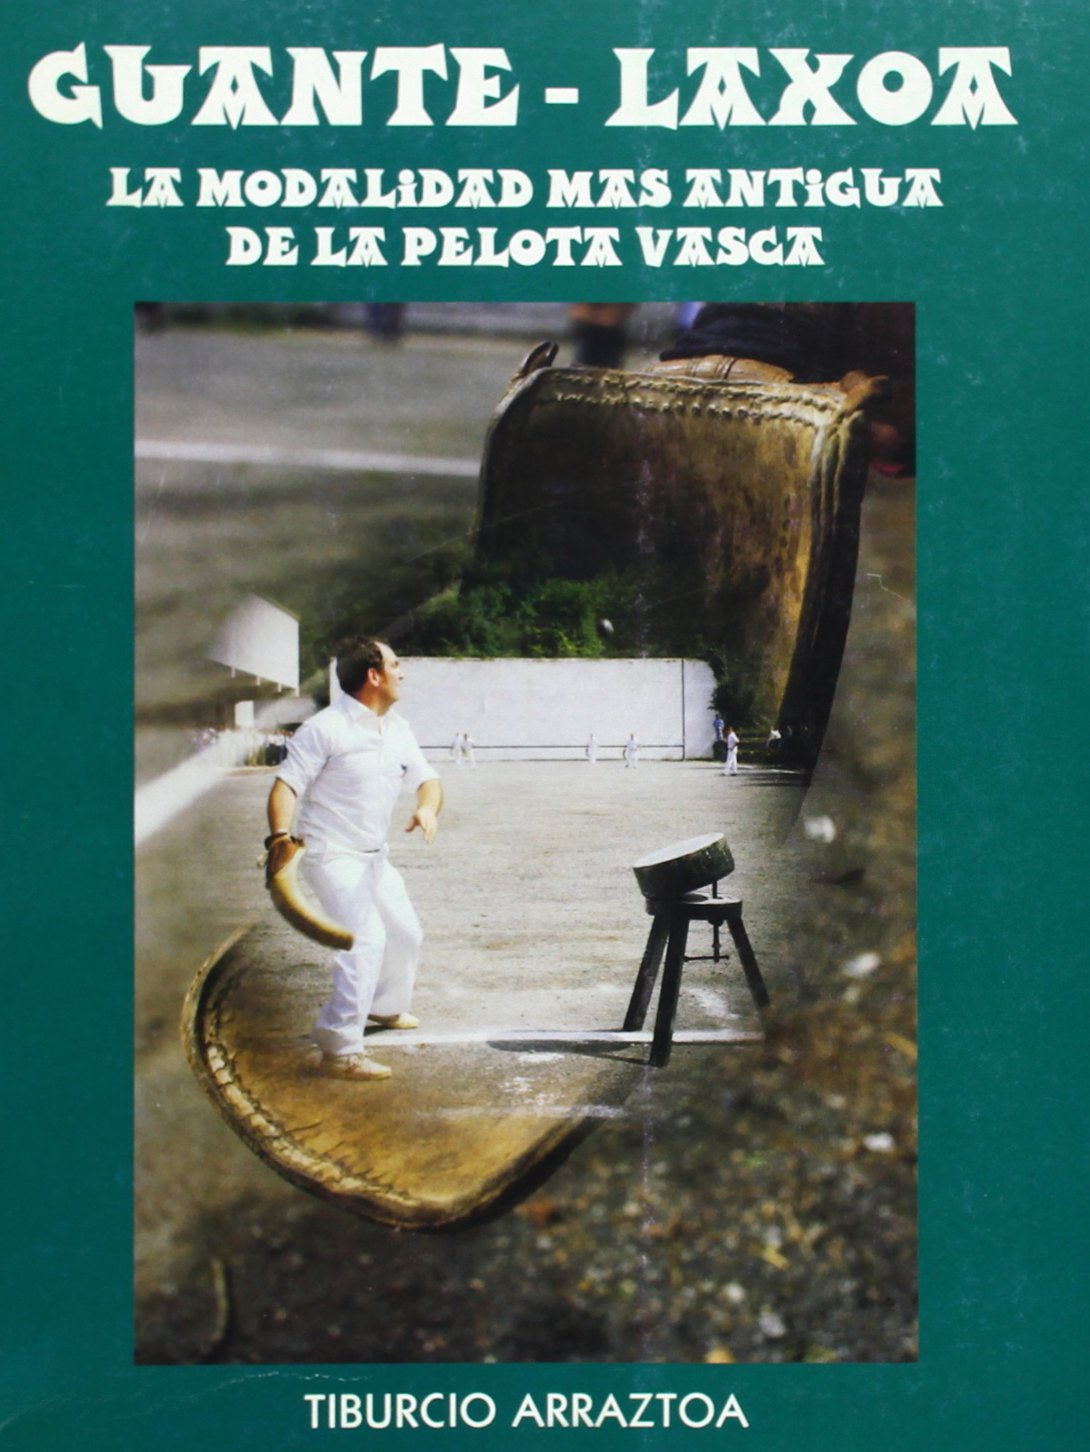 Guante-Laxoa, La Modalidad Mas Antigua De La Pelota Vasca: Amazon ...